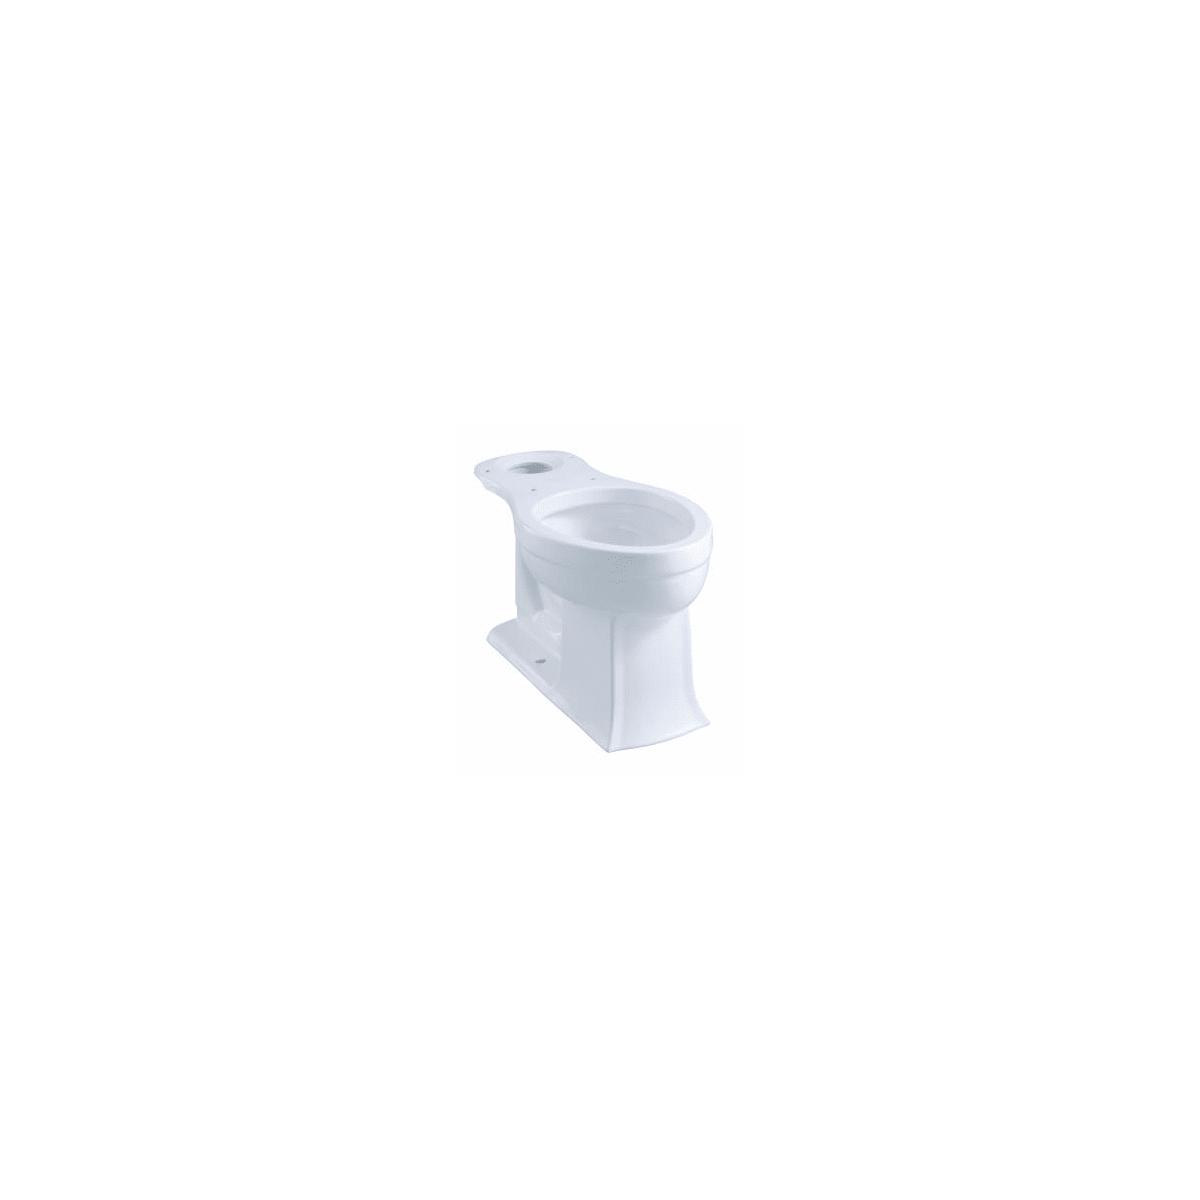 KOHLER K-4356-96 Archer Comfort Height Elongated Bowl Biscuit